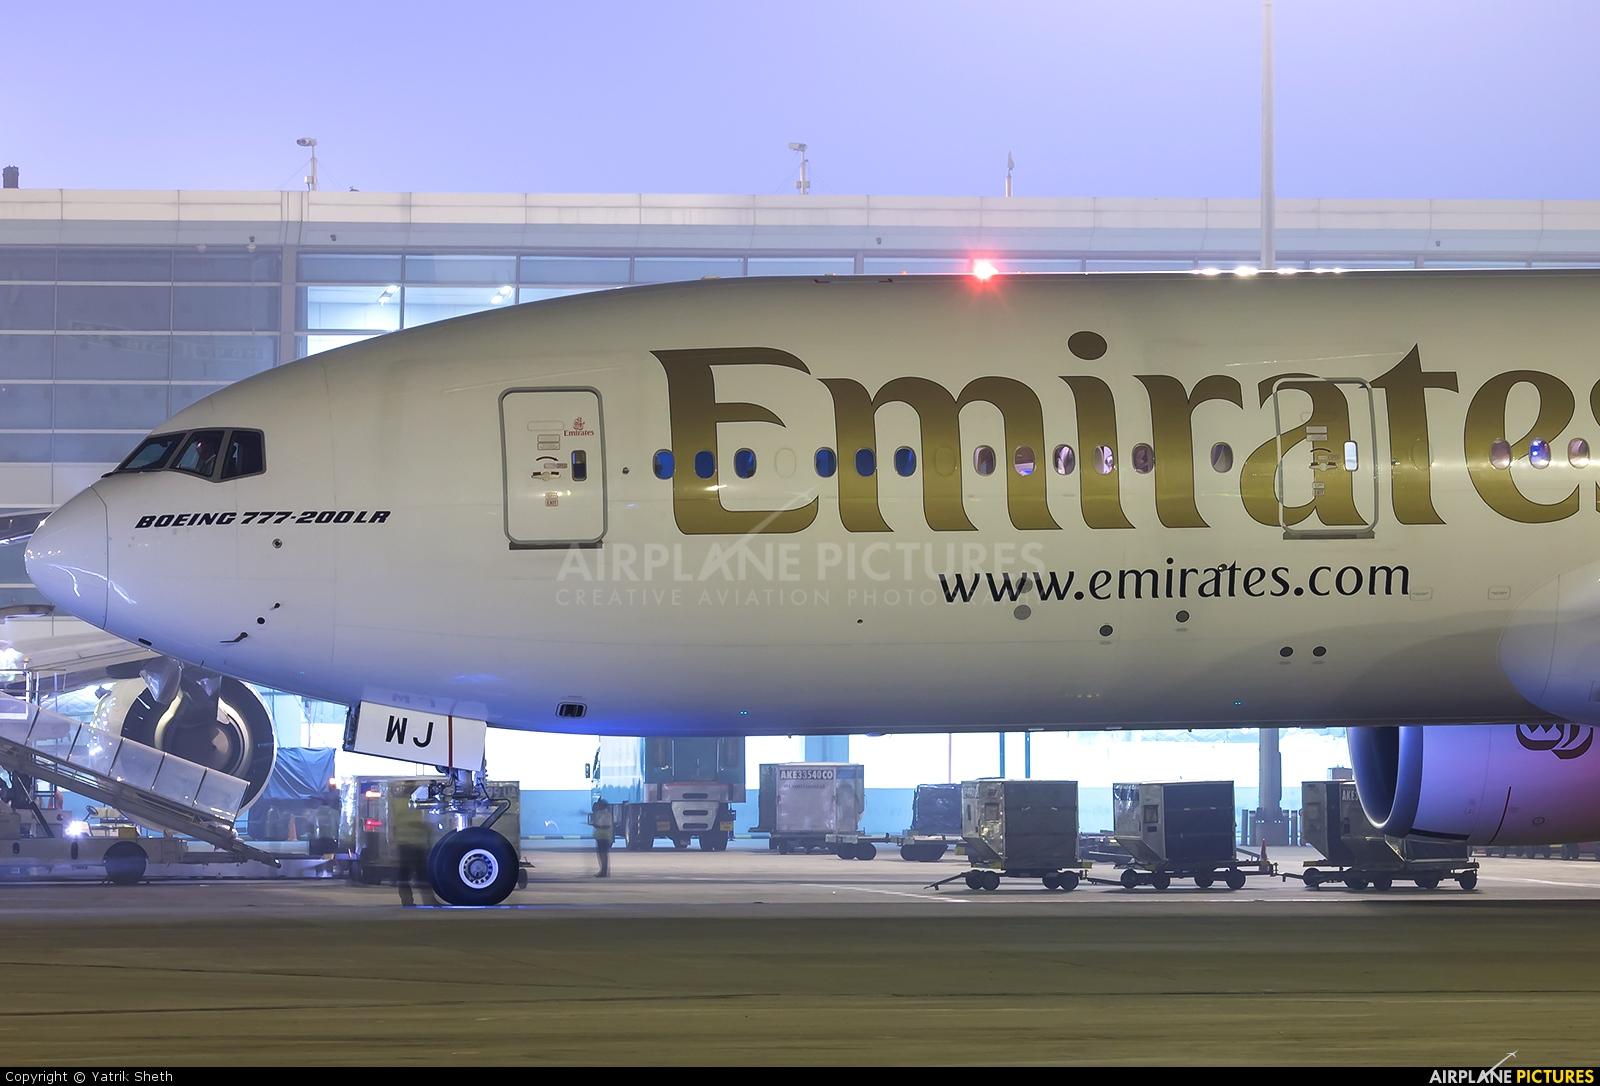 Emirates Airlines A6-EWJ aircraft at Delhi - Indira Gandhi Intl